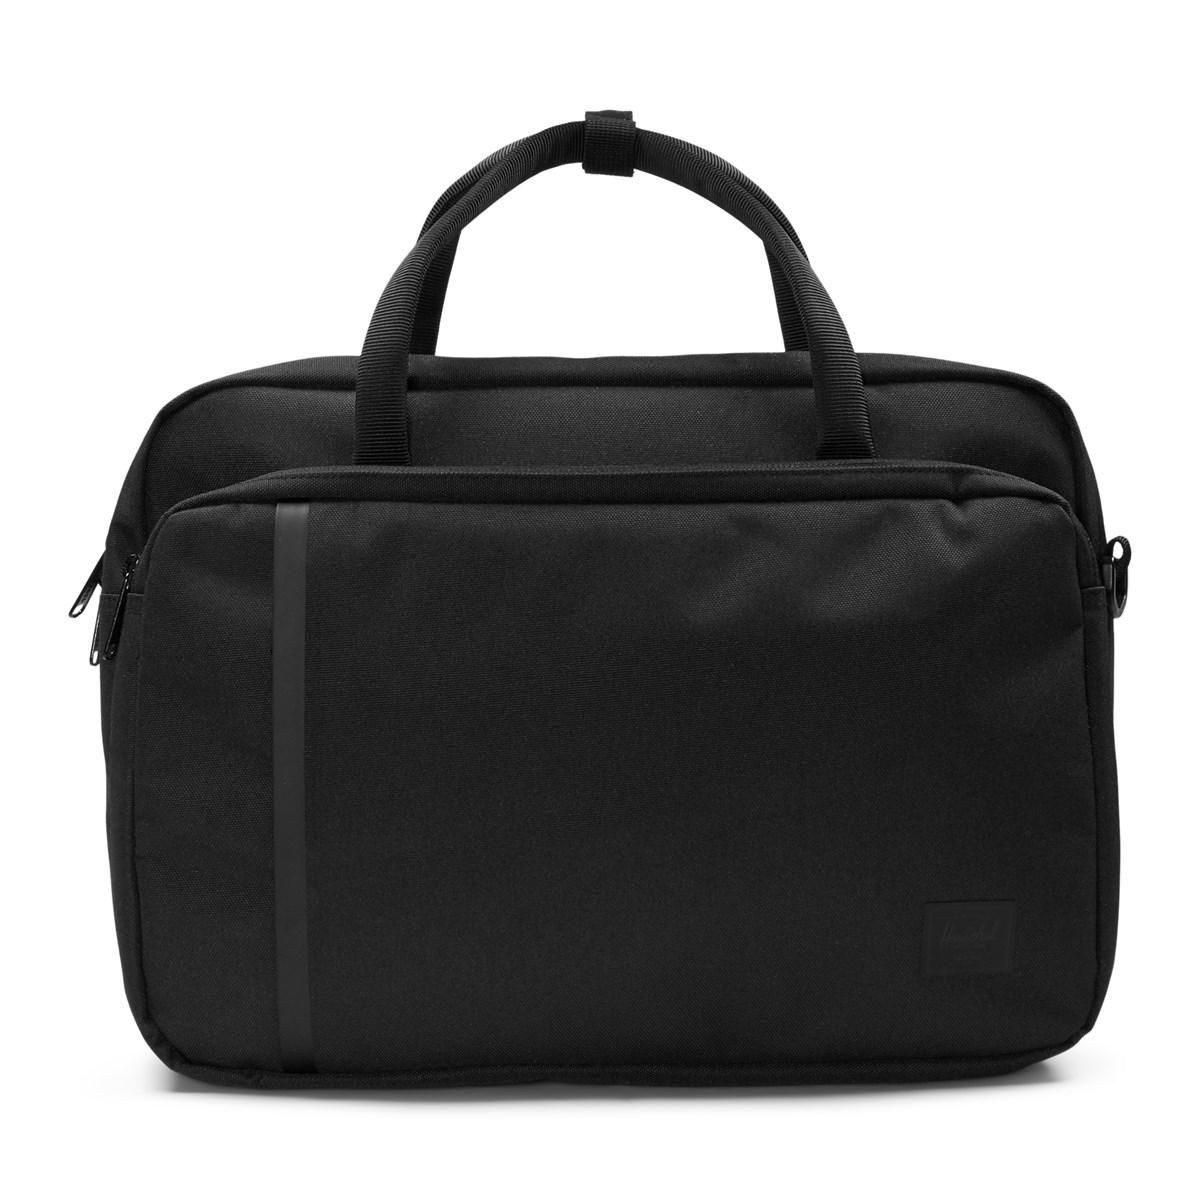 Gibson Messenger Bag in All Black